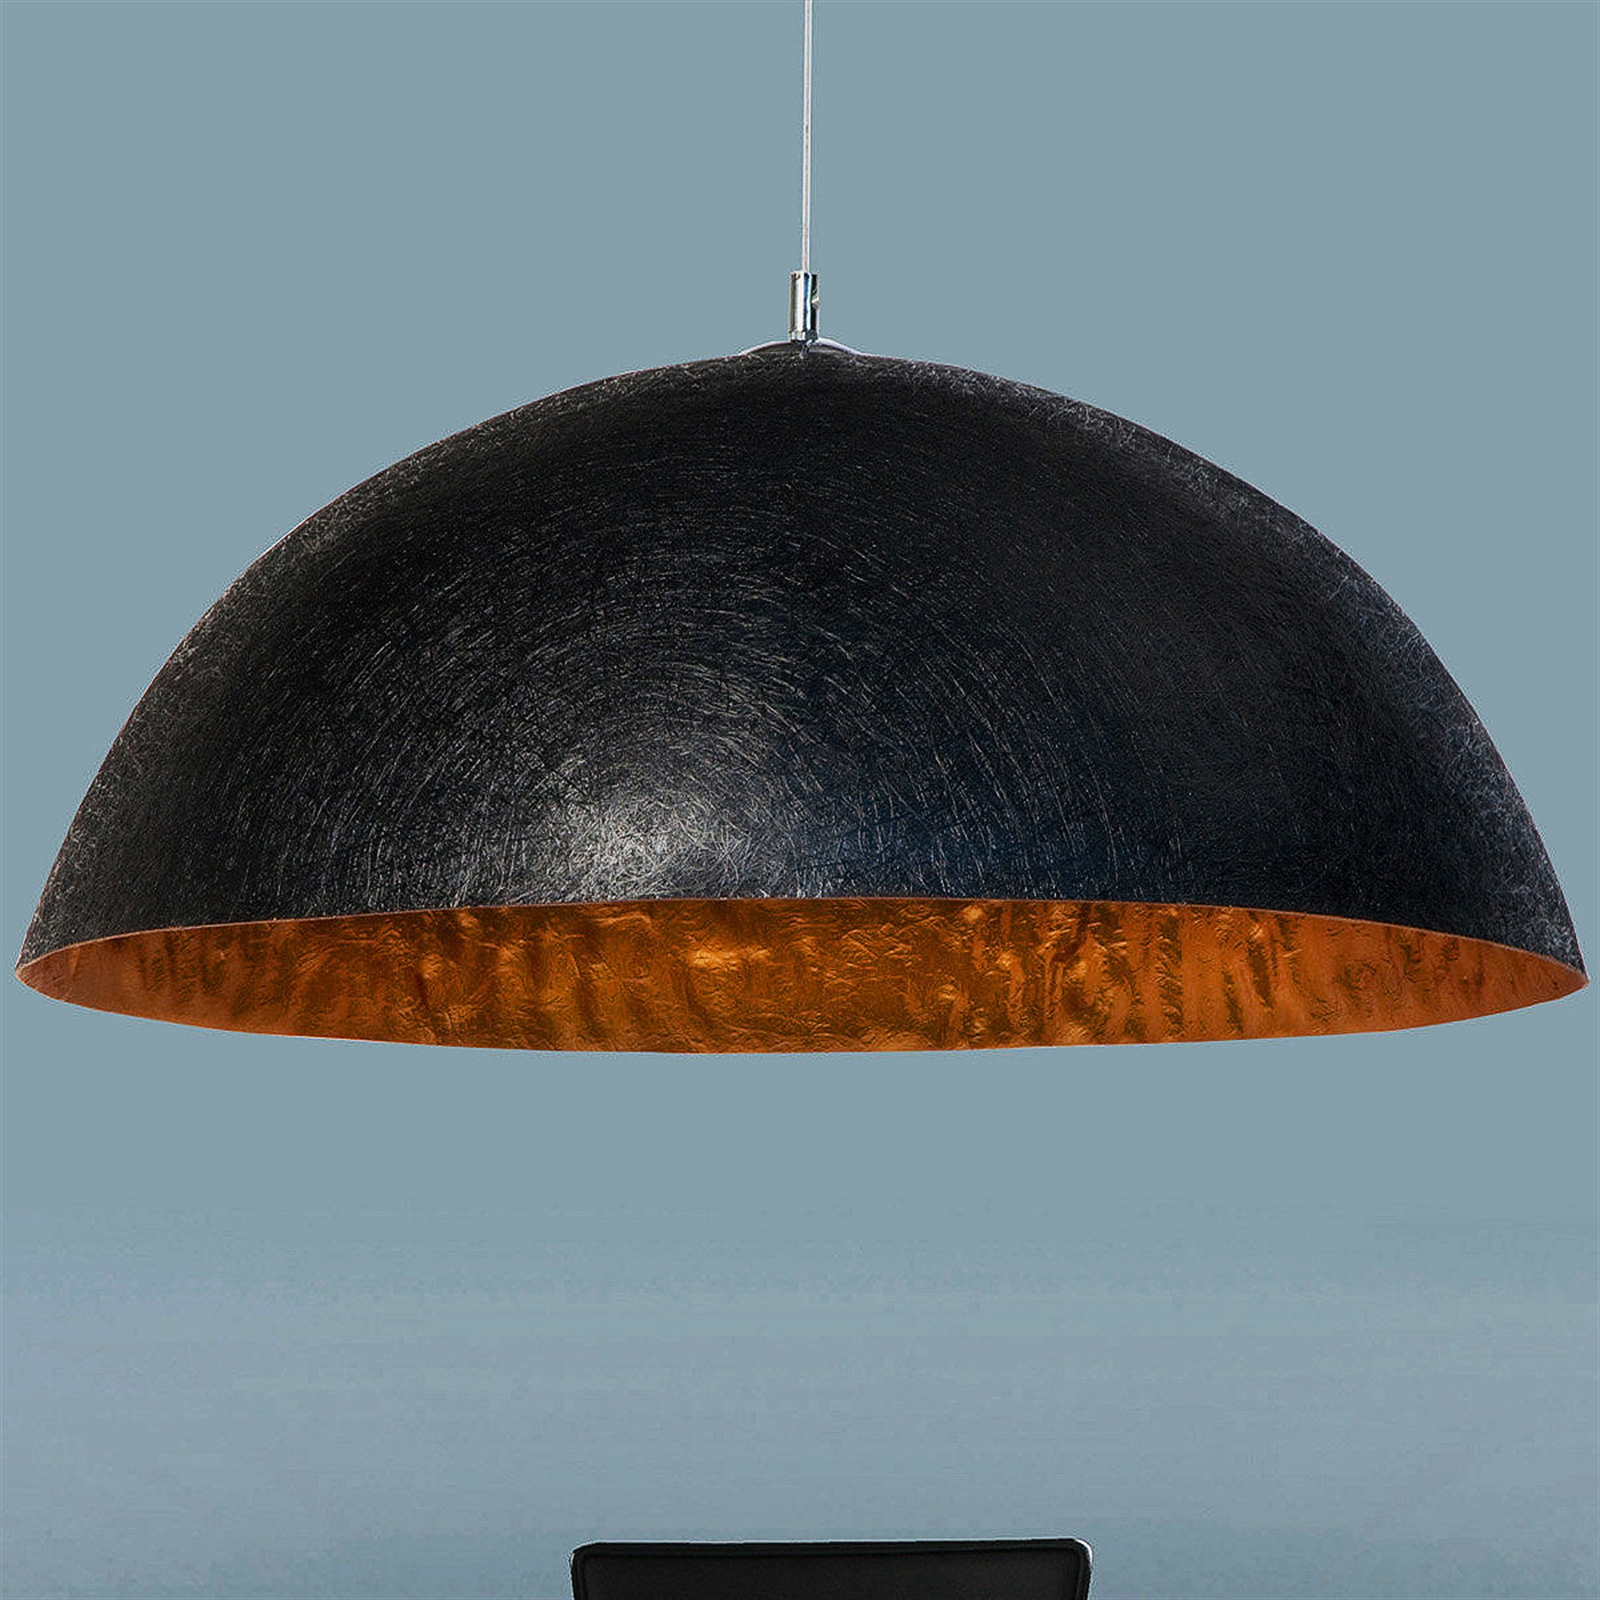 HÄNGELEUCHTE GLOW   50 cm, schwarz/gold   Hängelampe